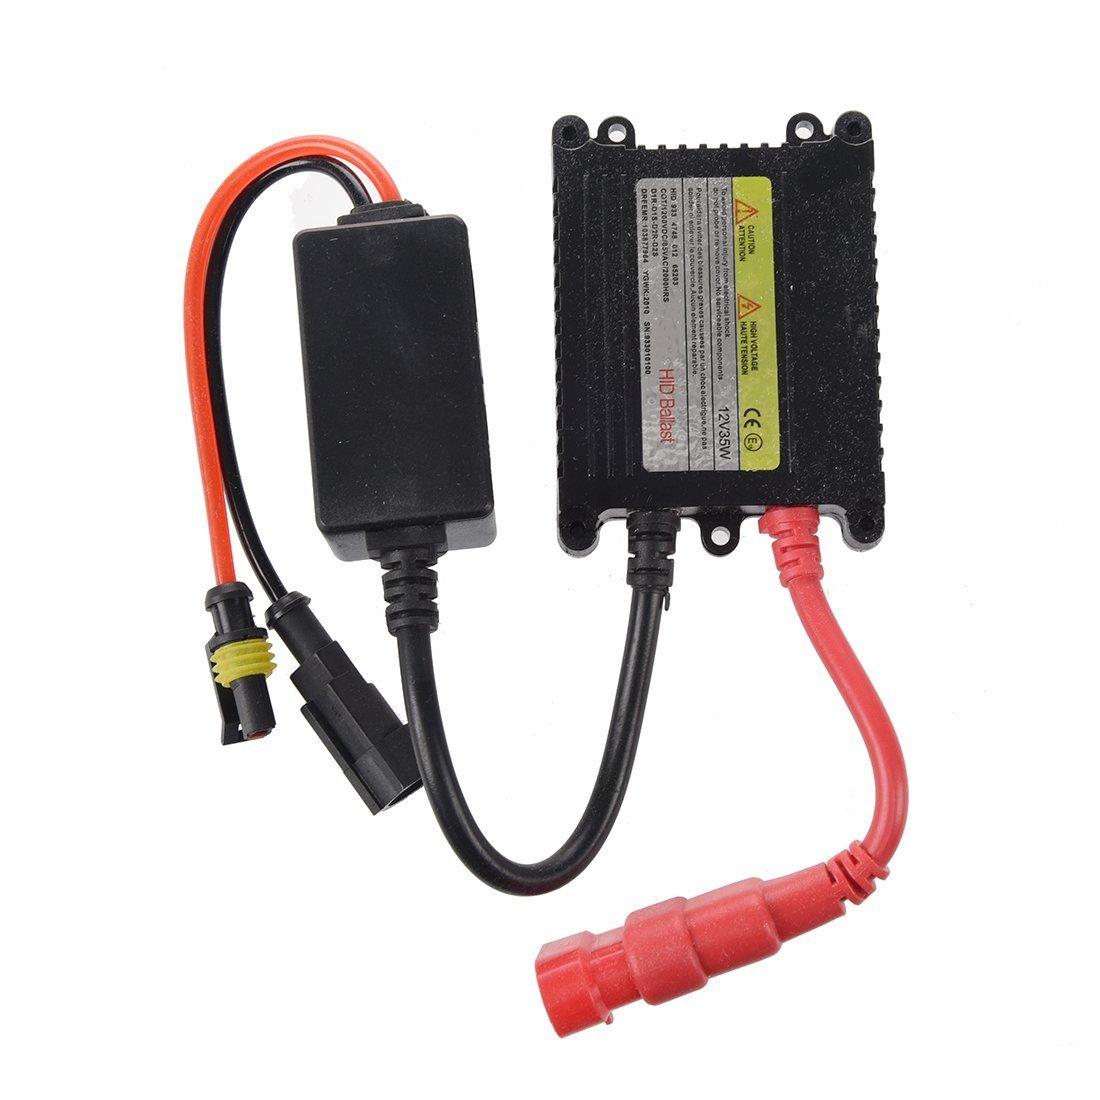 Dcolor Xenon HID Ballast Lampe Ampoule Slim 35W Pour H1 H3 H9 H10 H8 H7C 9004 SODIAL (R)